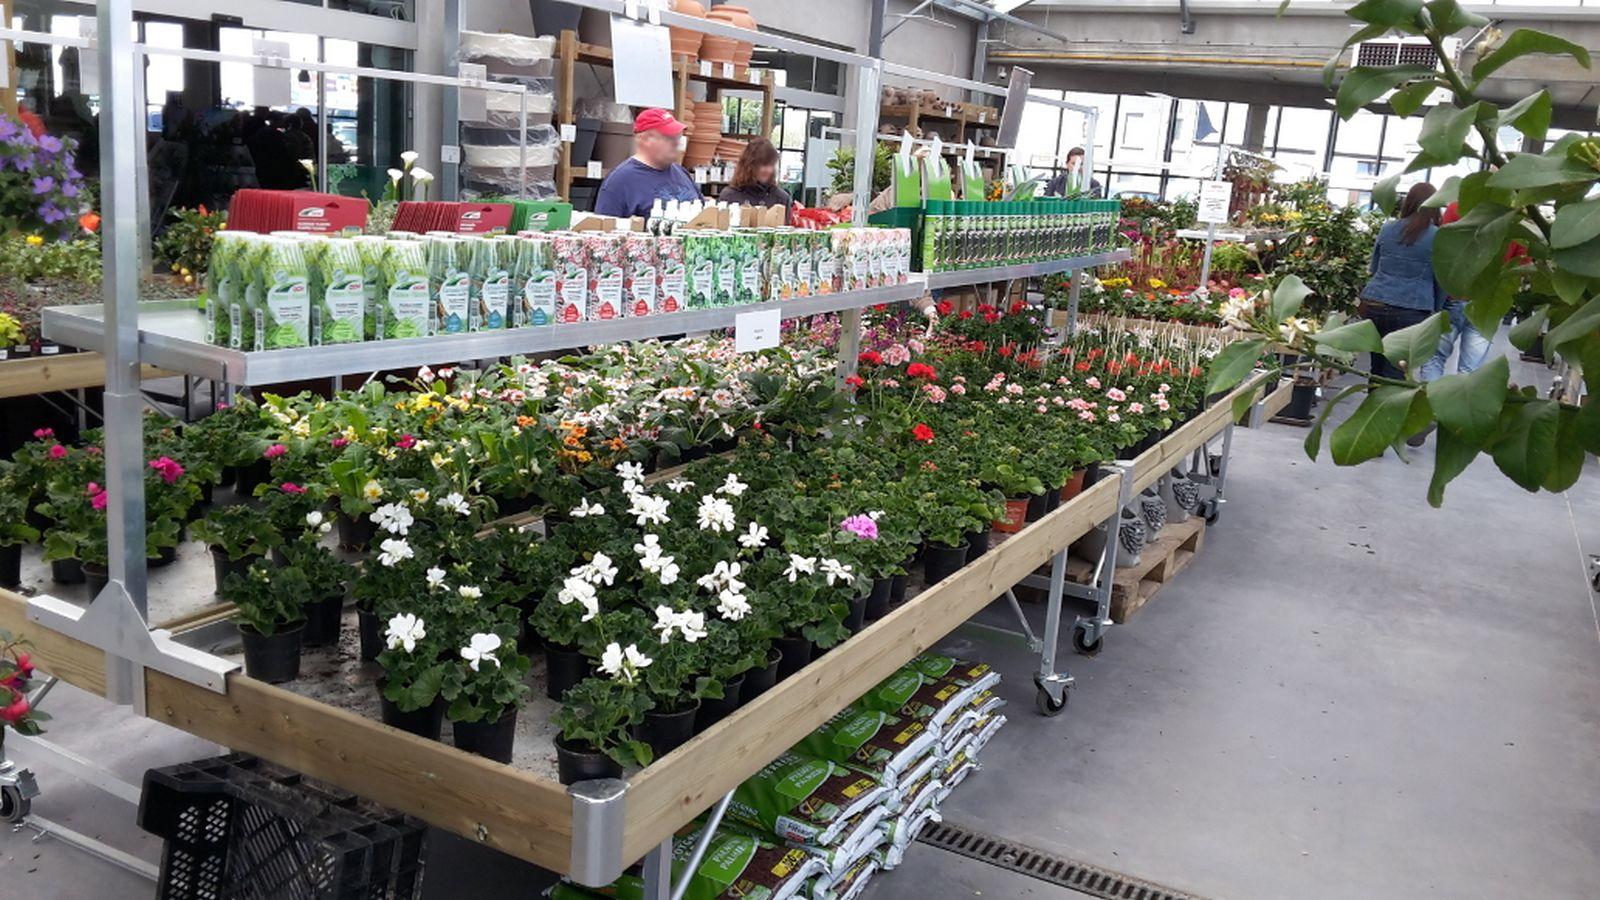 marché aux fleurs - tablar avec portique cross-merch